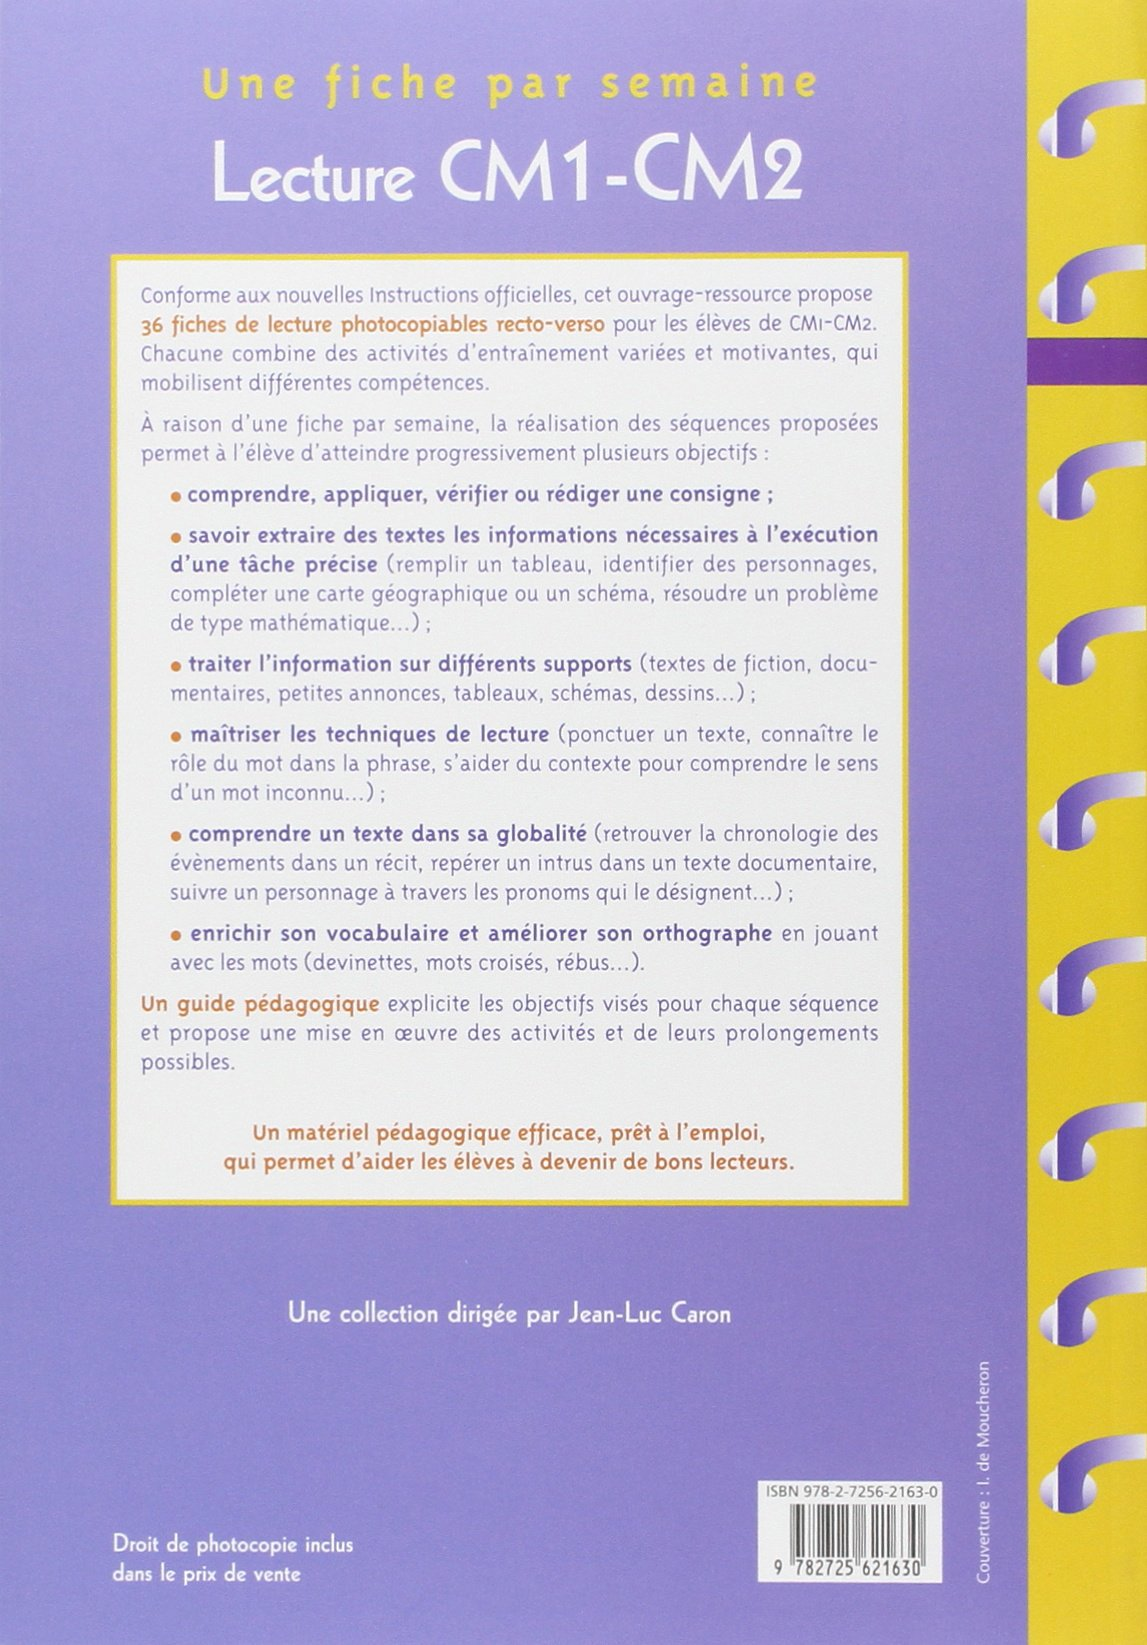 Relativ Lecture CM1-CM2: Amazon.fr: Christian Lamblin: Livres HE17